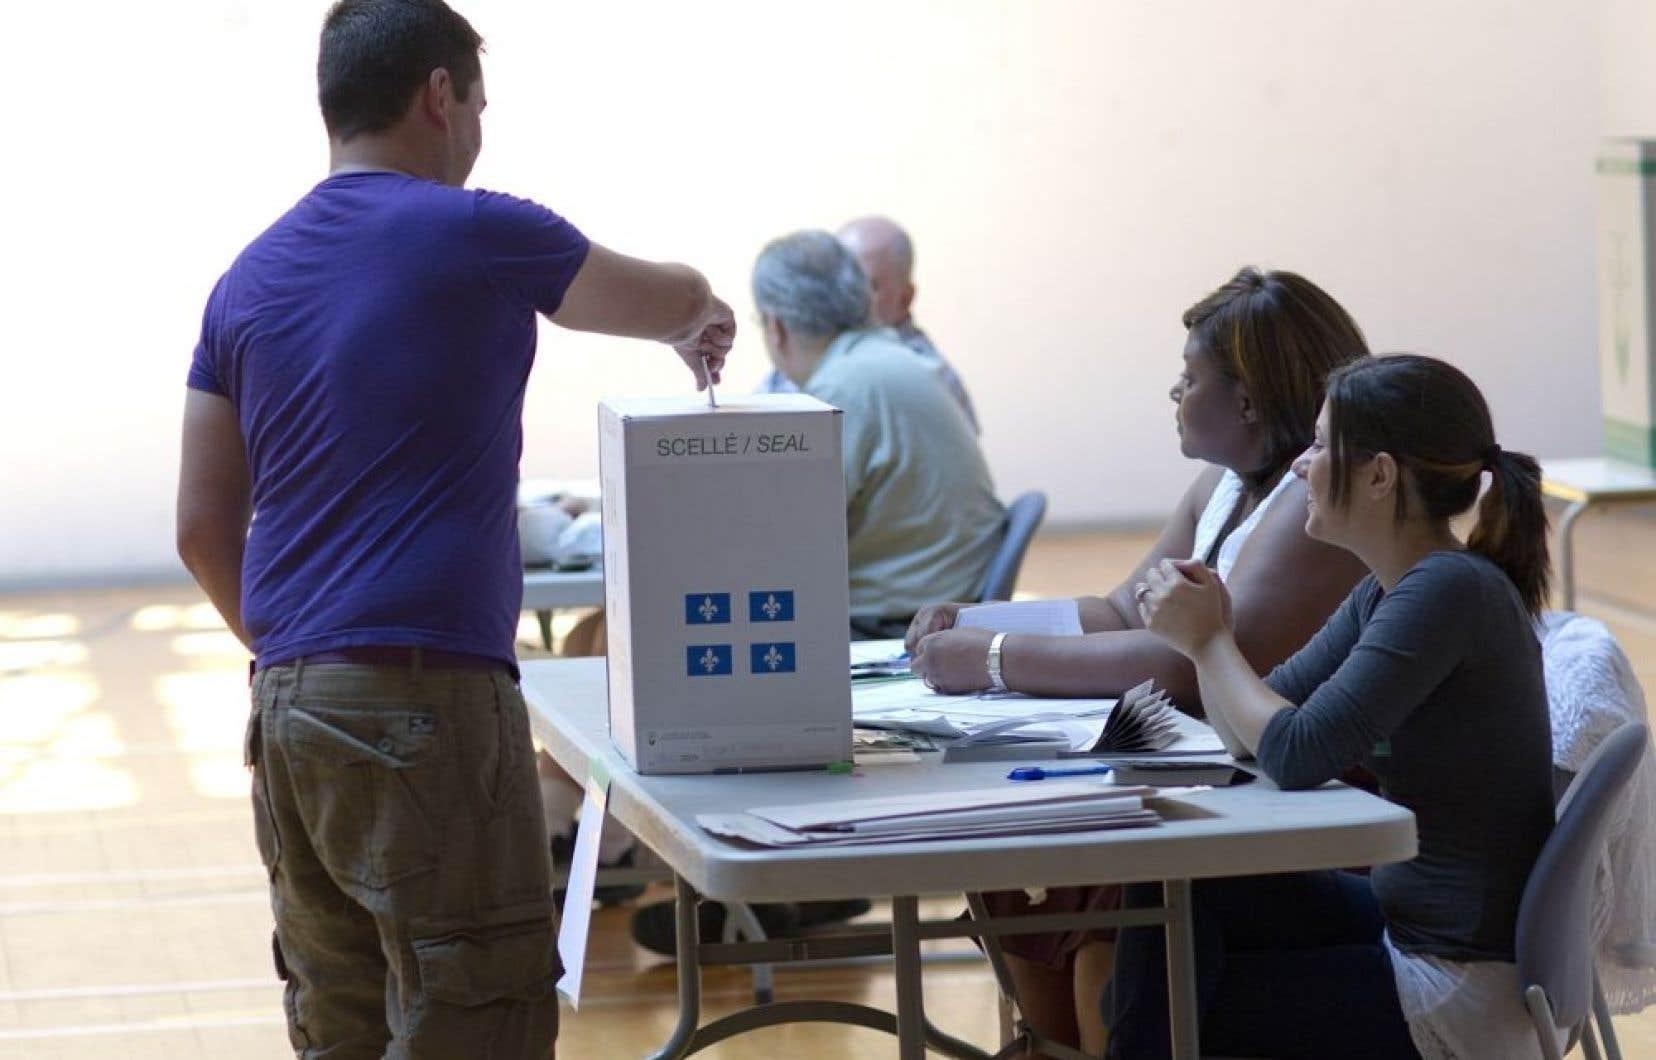 En entrevue au <em>Devoir</em>, des représentants de QS et d'ON ont exclu un rapprochement en vue des élections imminentes, mais n'ont pas fermé la porte à une collaboration accrue à moyen terme.